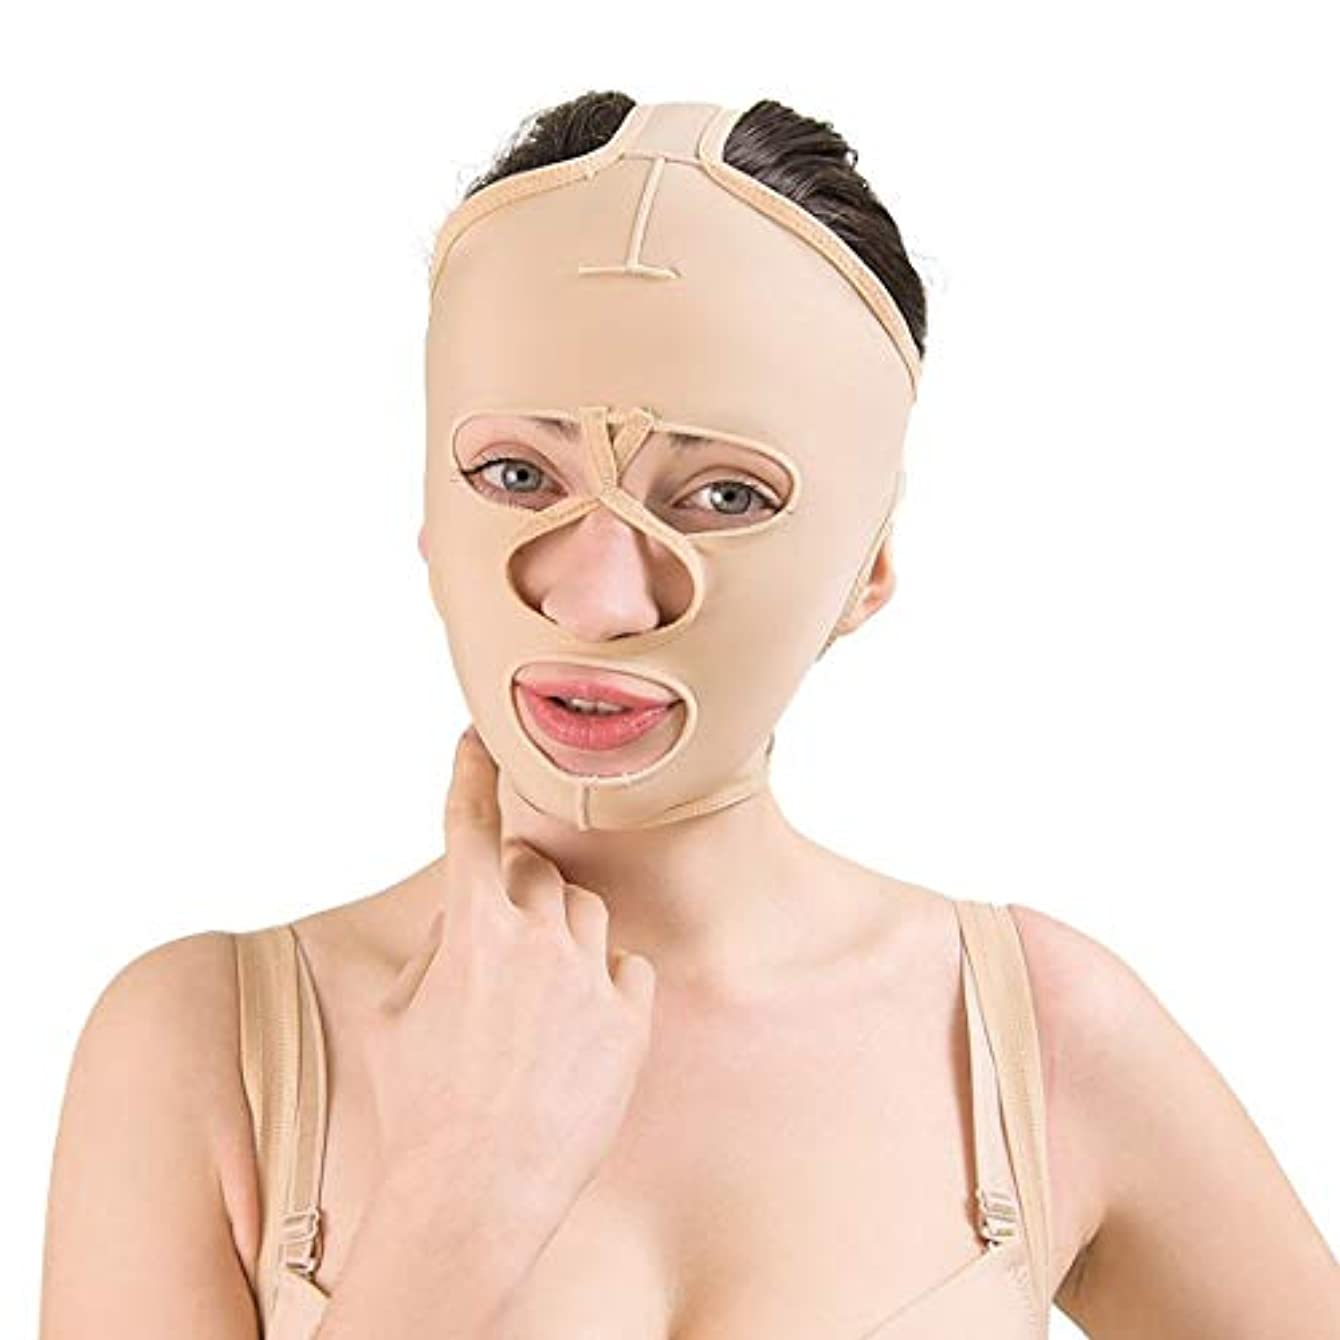 亡命騒乱ルーフZWBD フェイスマスク, フェイスリフト包帯医療弾性スリーブ顔面下顎形成外科術後圧縮下顎スリーブ補助修復マスクしわを削除する (Size : S)